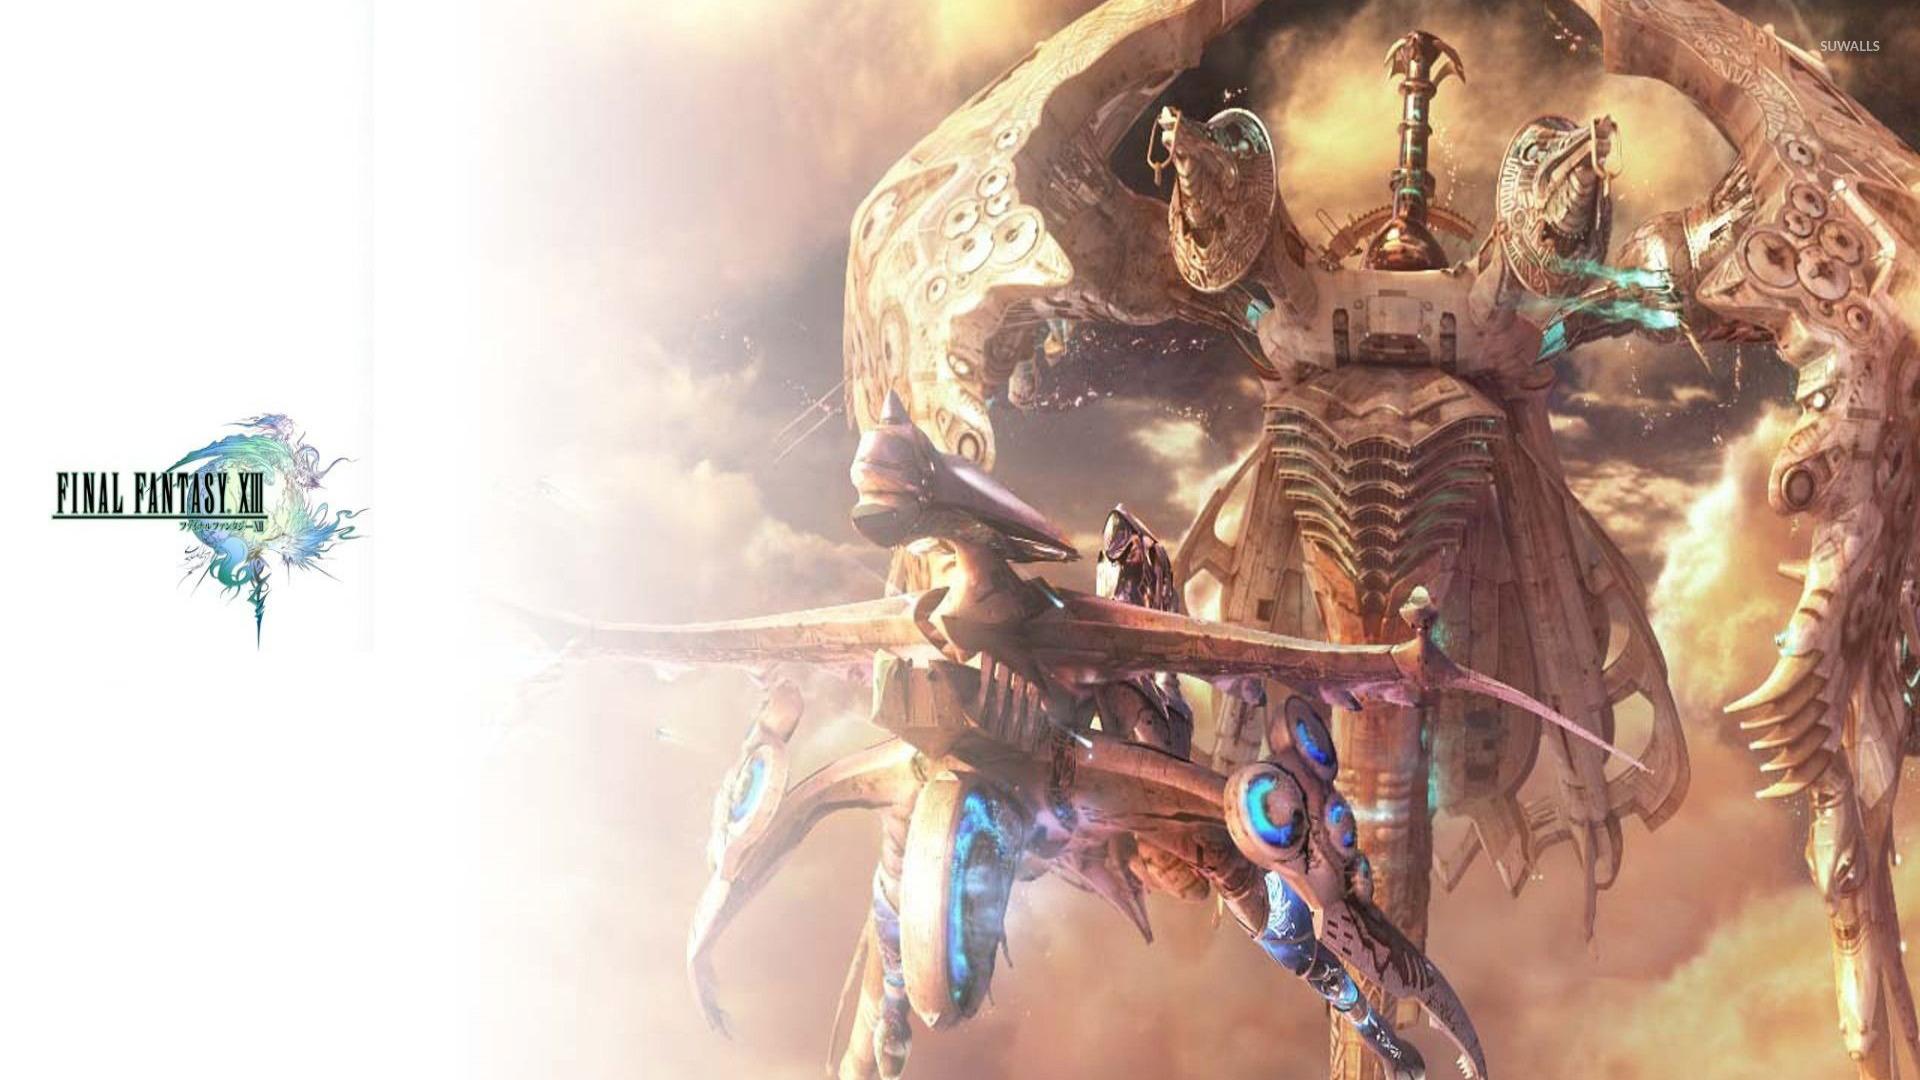 Final Fantasy Xiii Wallpaper: Final Fantasy 13 2 Wallpaper